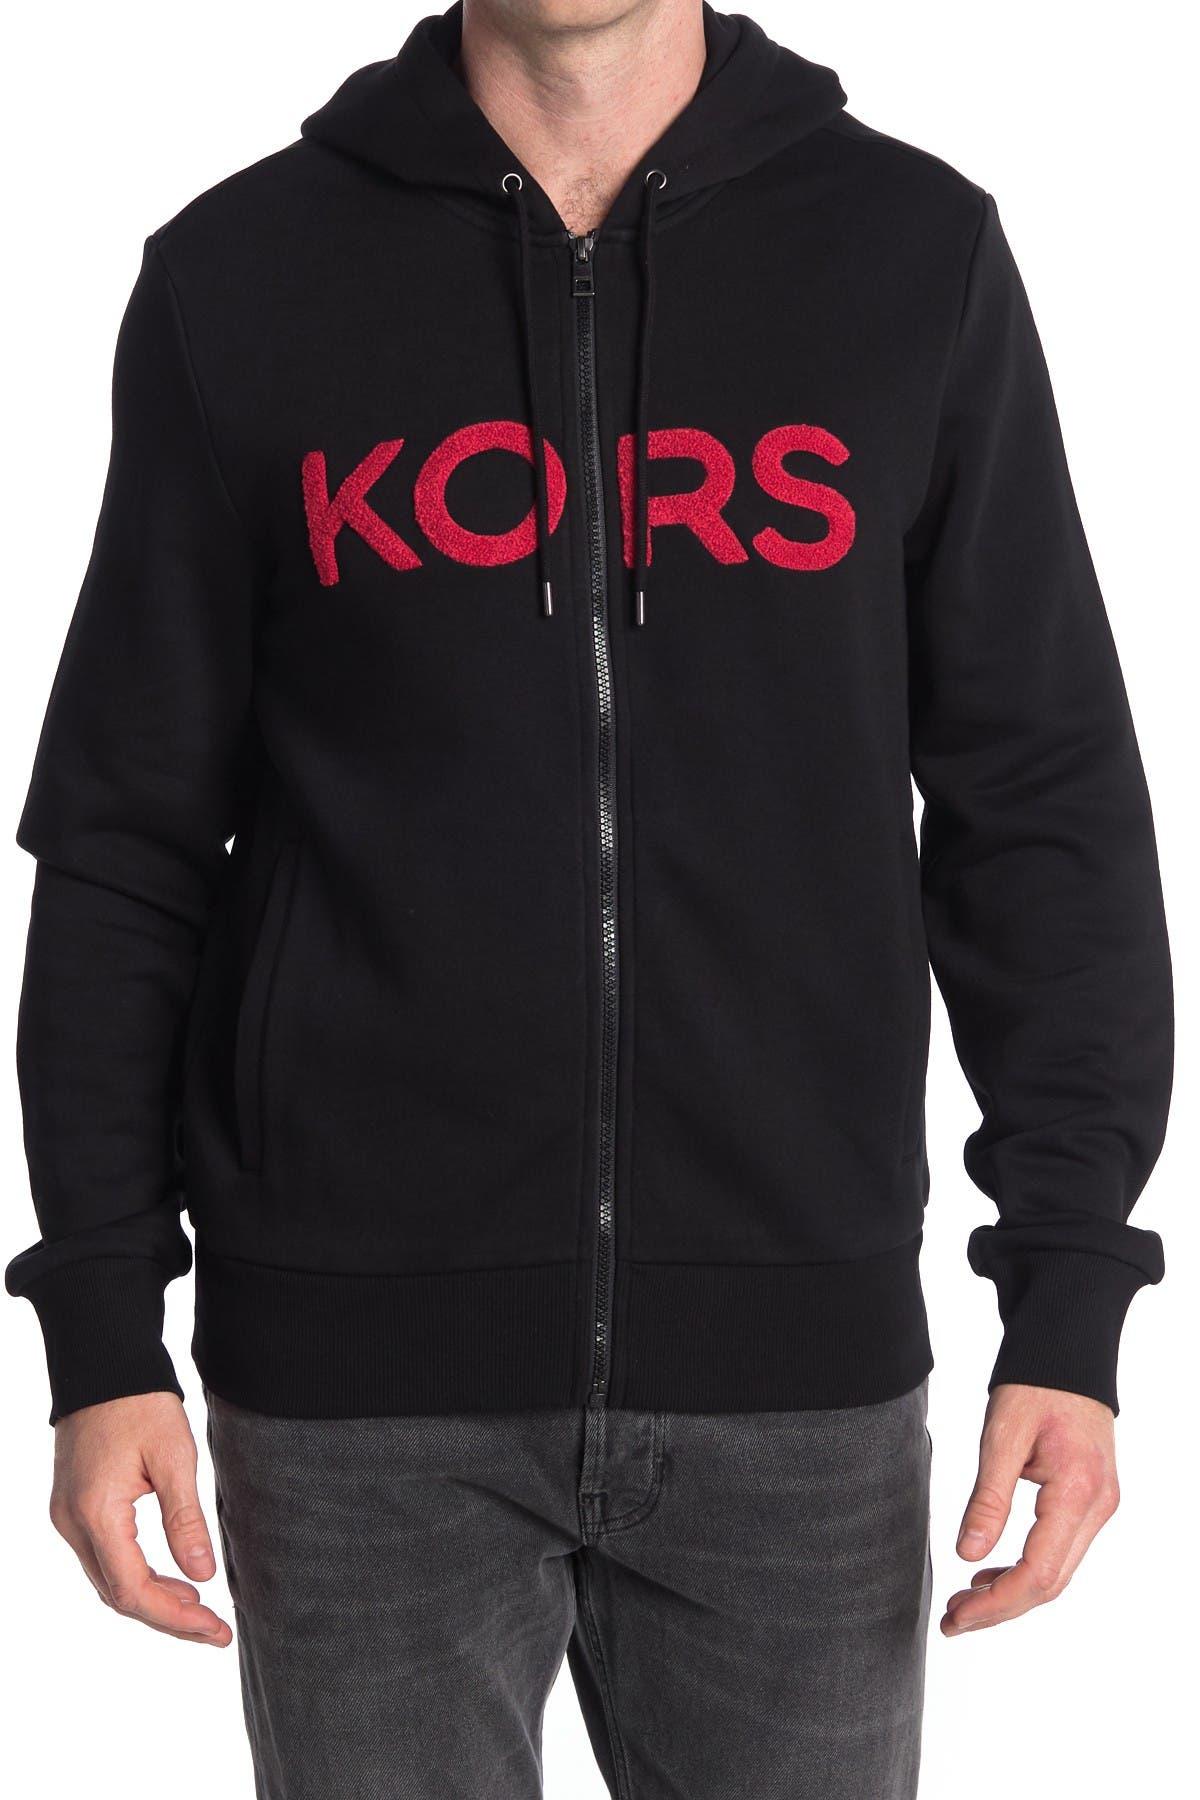 Image of Michael Kors Terry Logo Applique Zip Front Hoodie